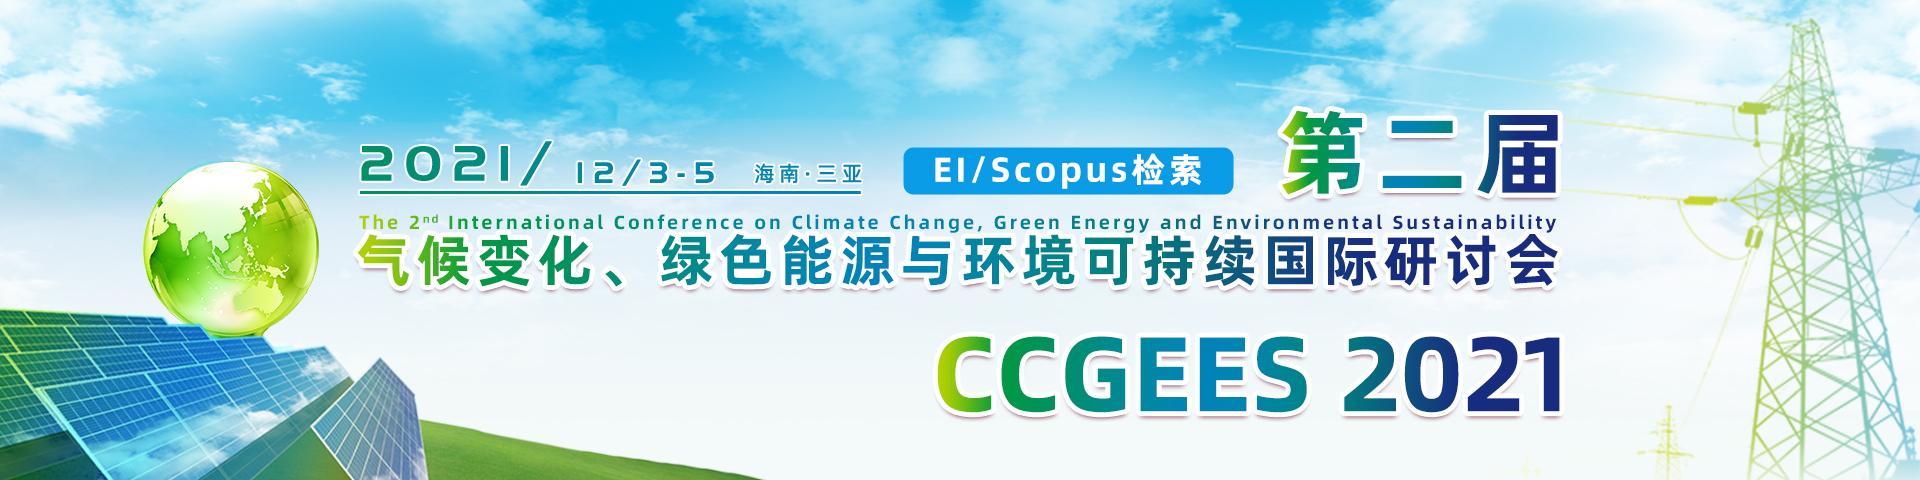 12月厦门-CCGEES2021-banner中-何霞丽-20210407.jpg